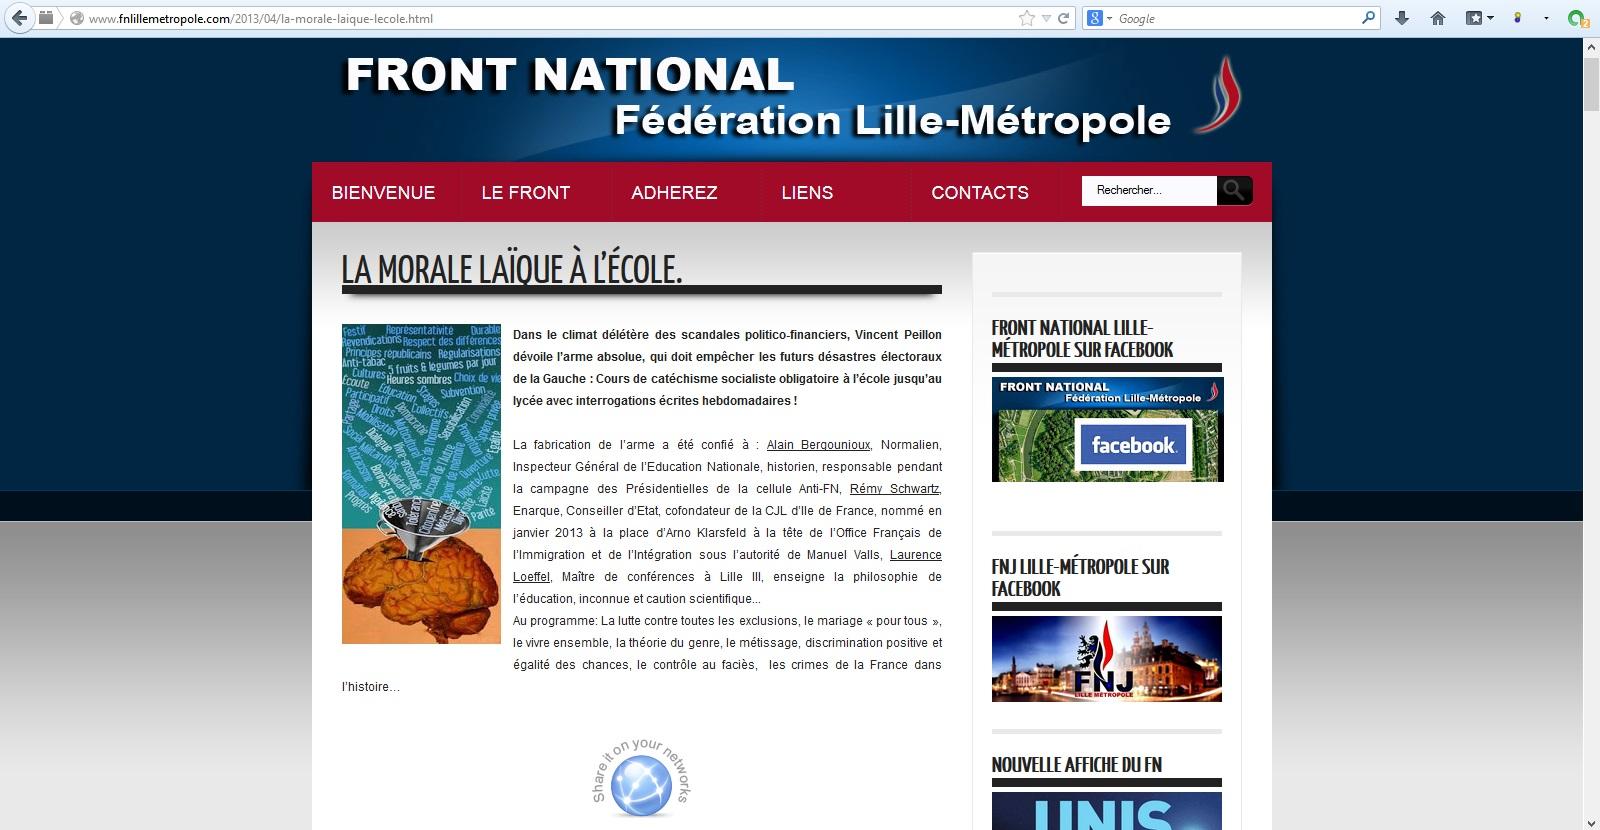 FN_Theorie_du_genre-lille-Metropole